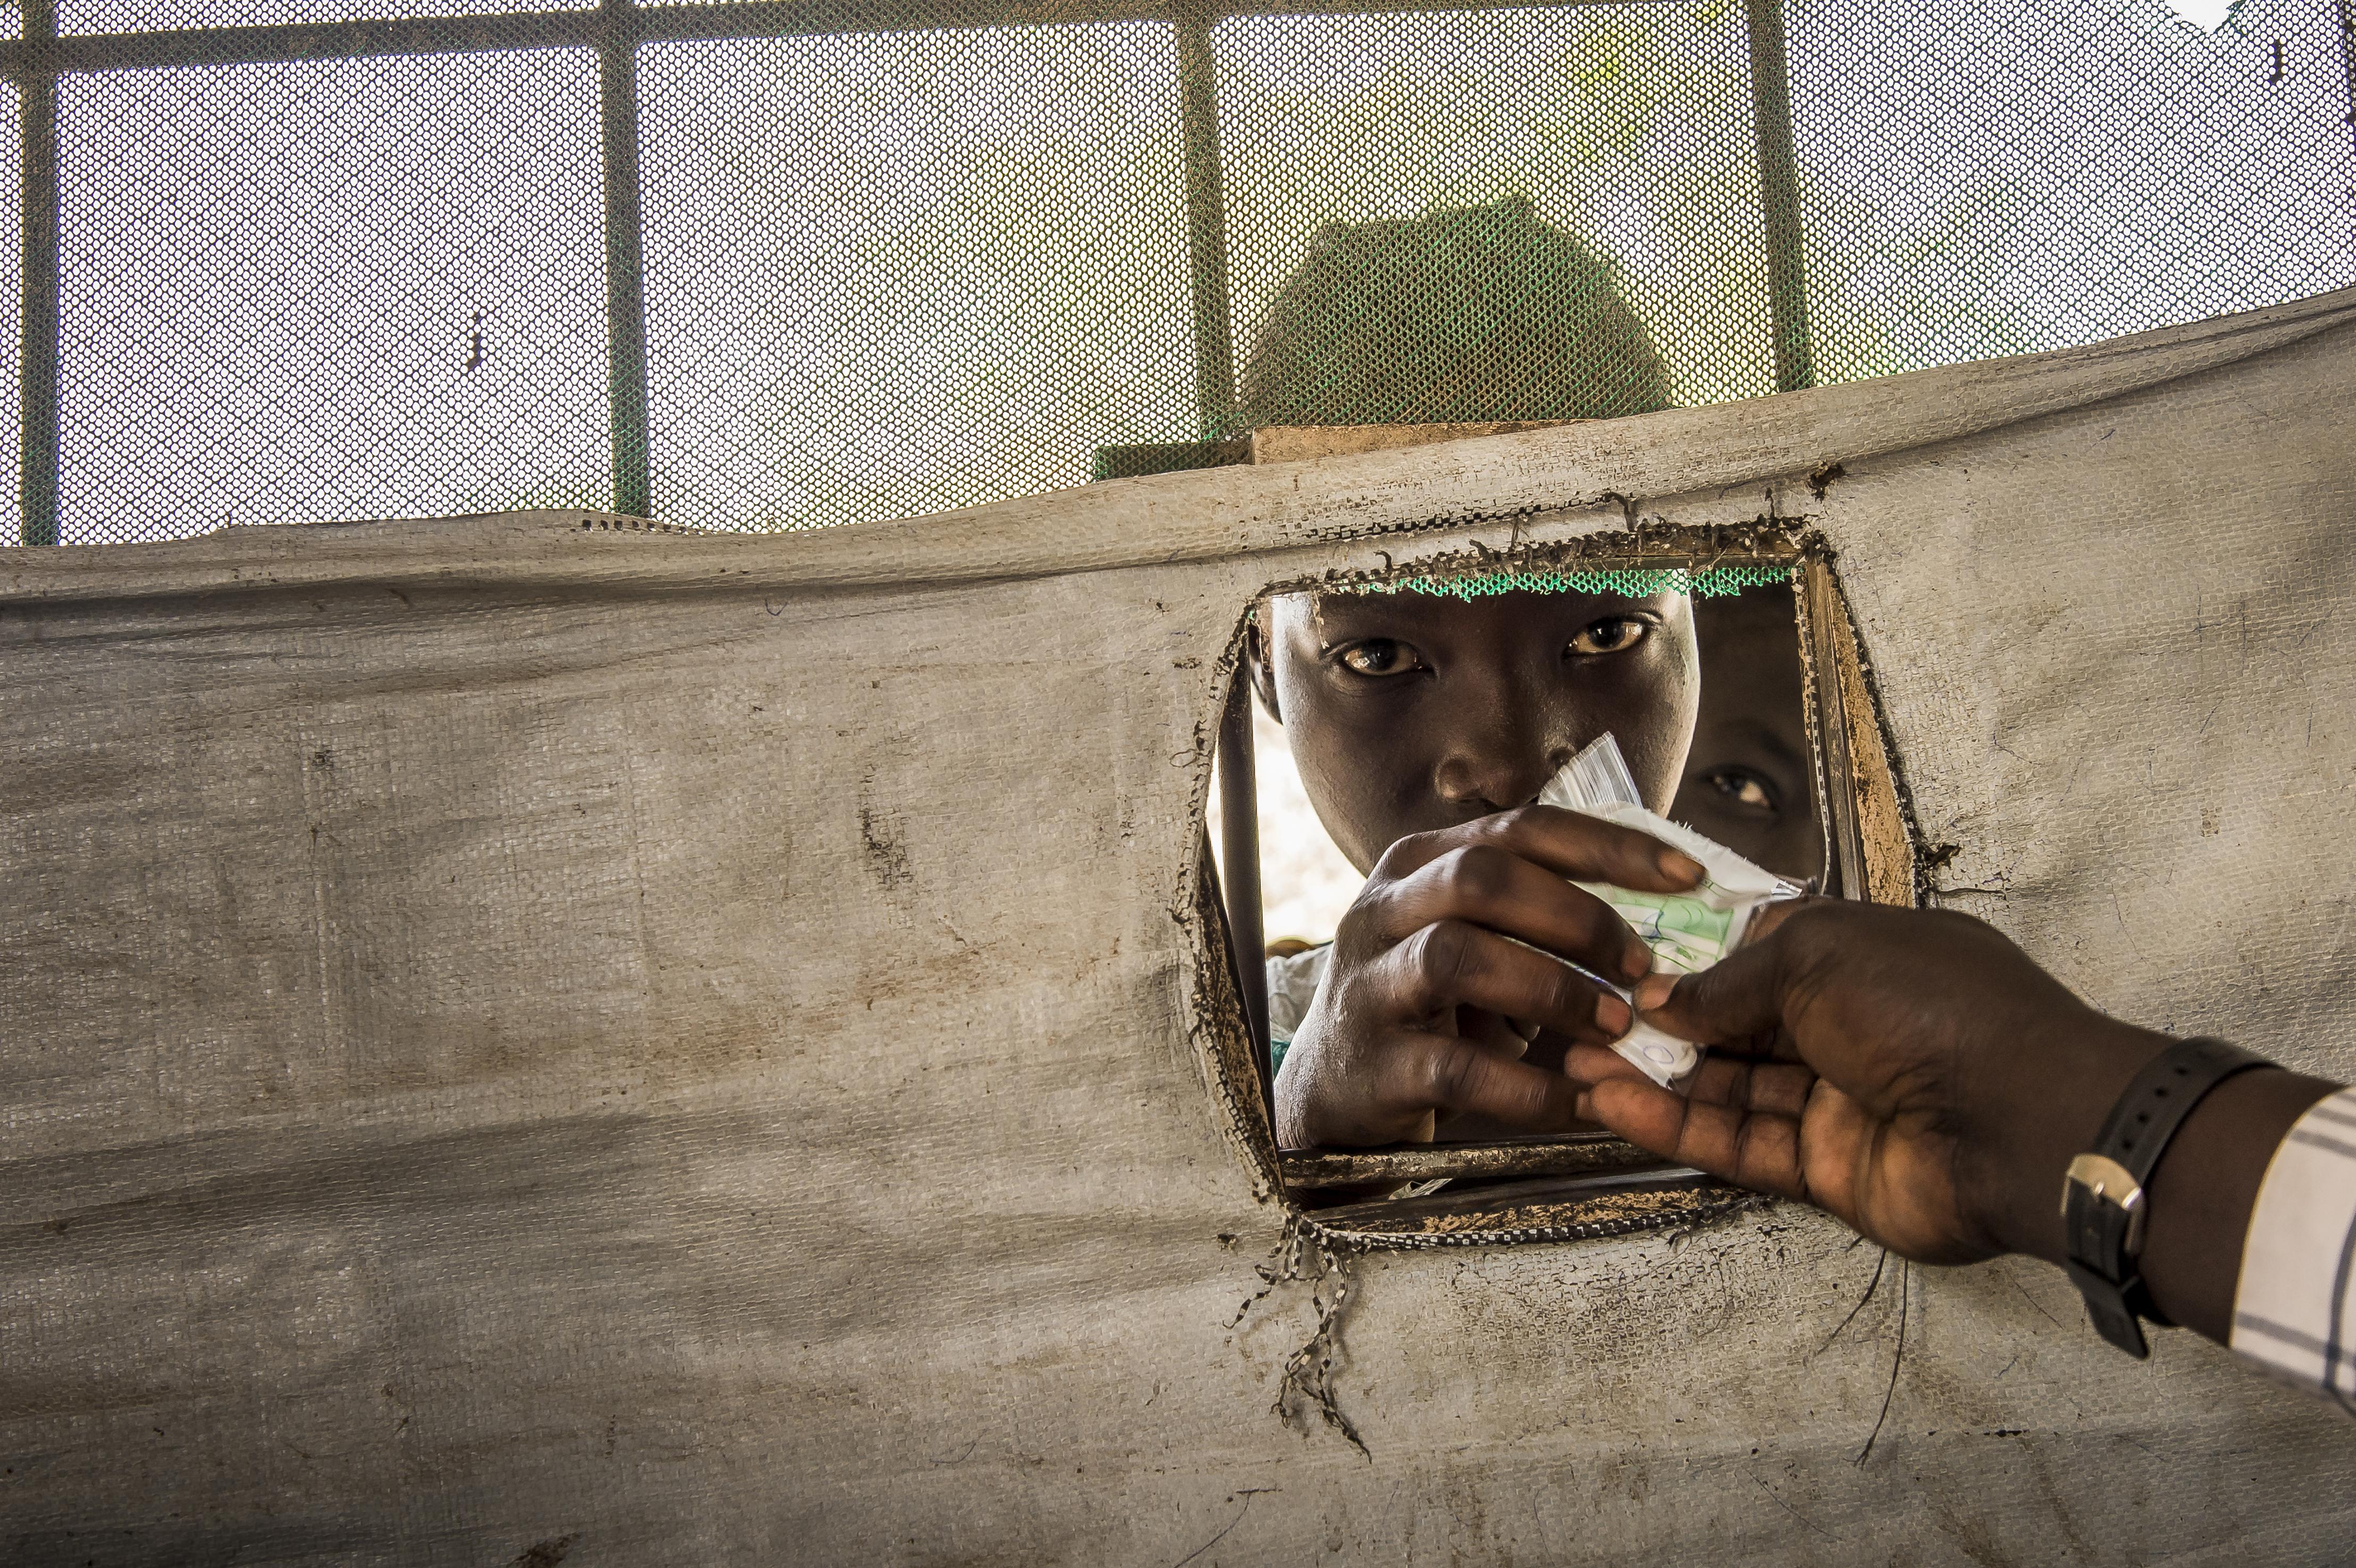 © Frederic Noy/Cosmos, 12 décembre 2017  Façade de la pharmacie de l'hôpital d'Old Fangak, un pharmacien tend sa prescription à un jeune patient par la petite fenêtre découpée dans la bâche.